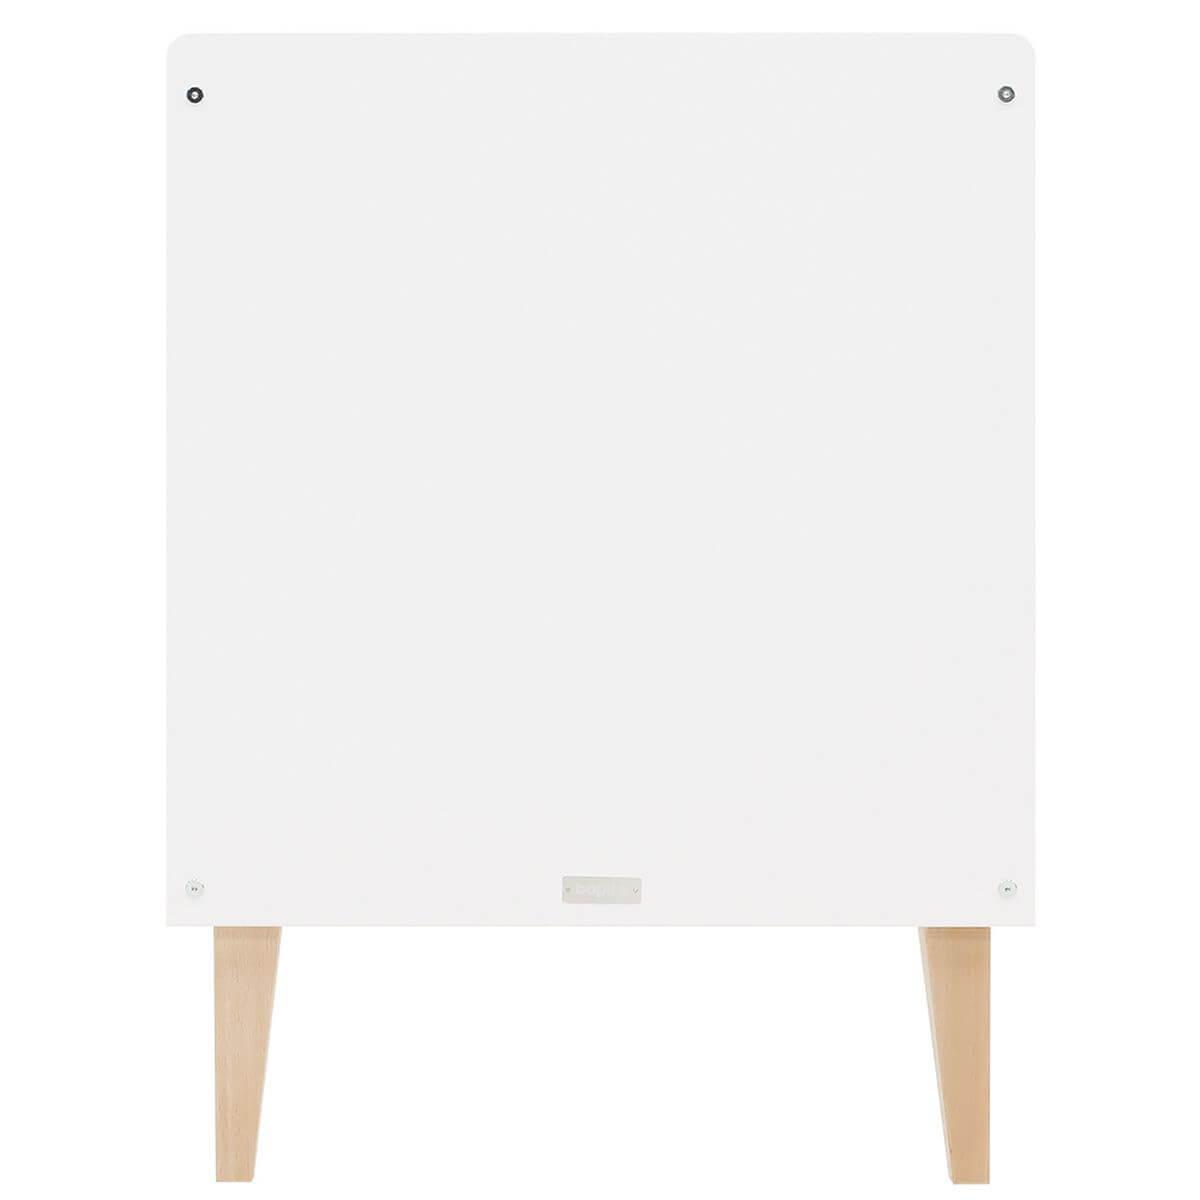 Cuna 60x120cm INDY Bopita blanco-natural